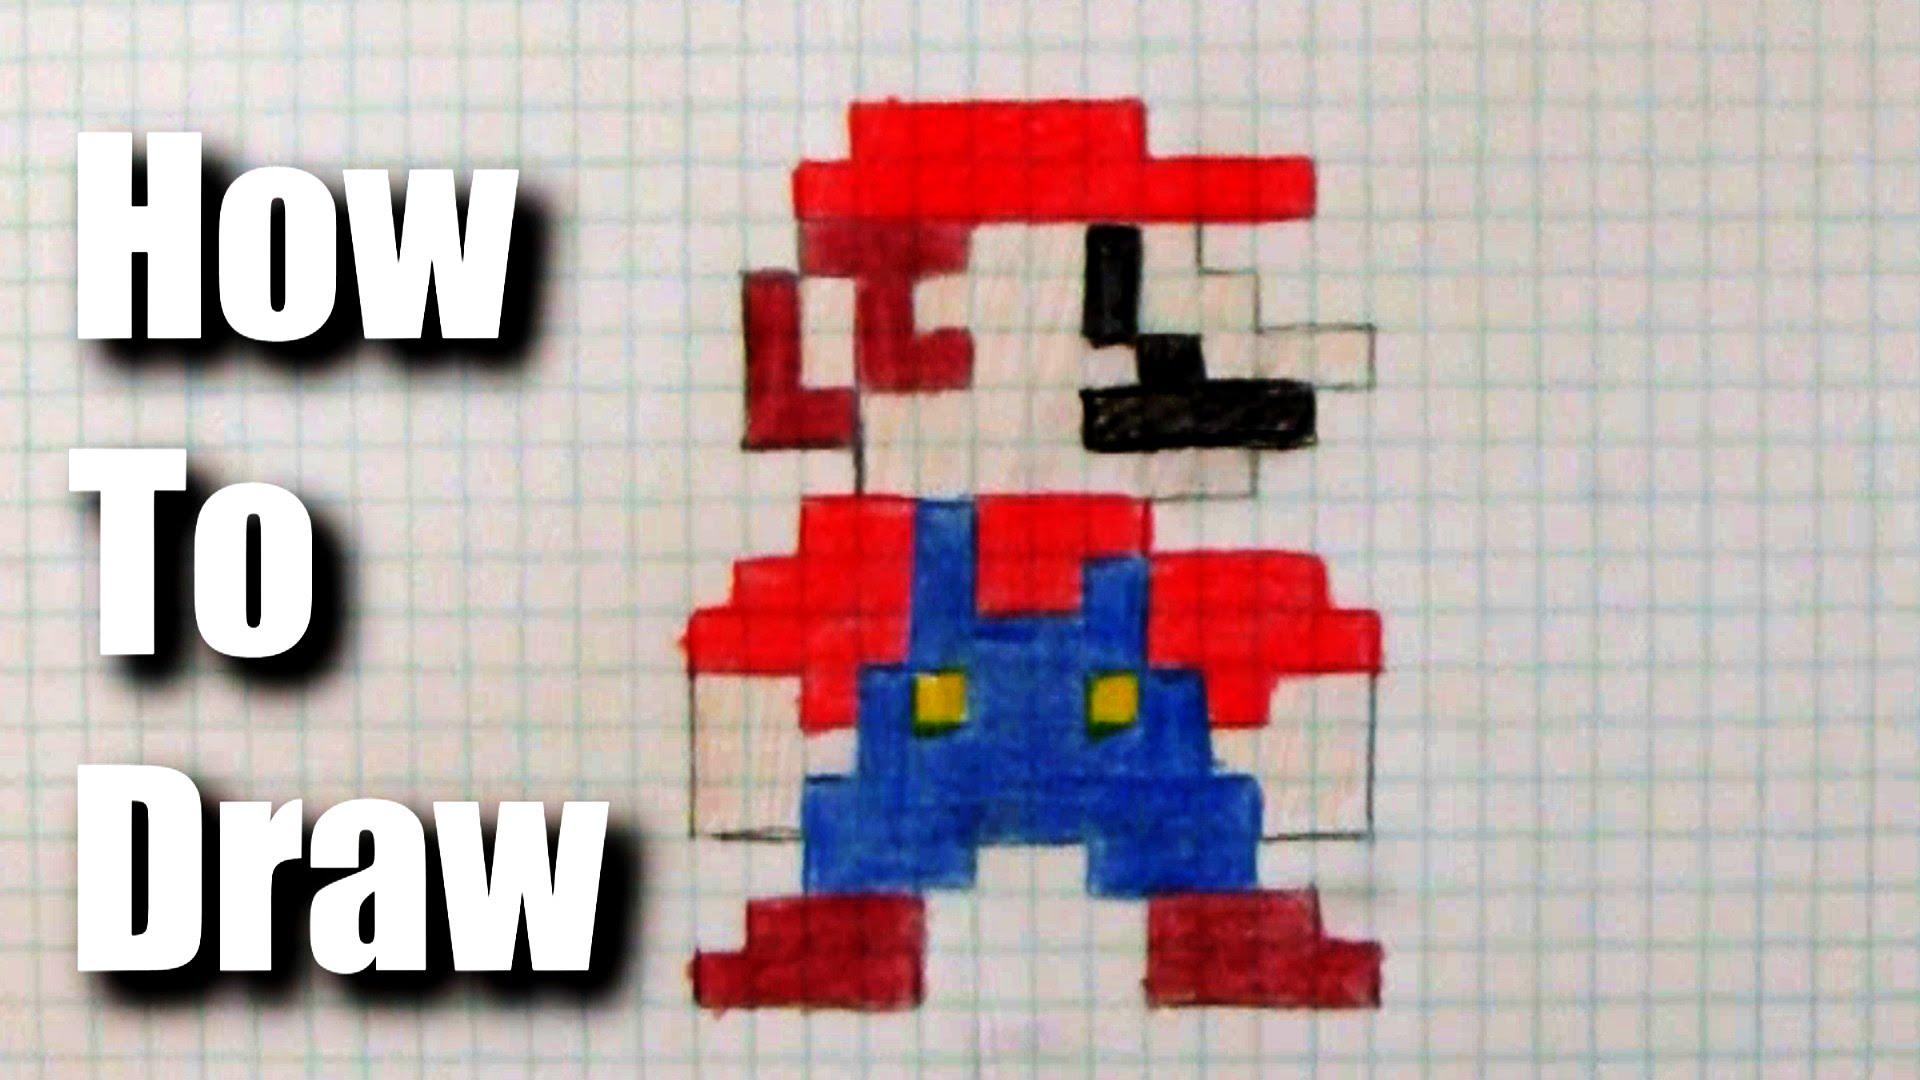 Drawn pixel art 8 bit To  Mario draw 8